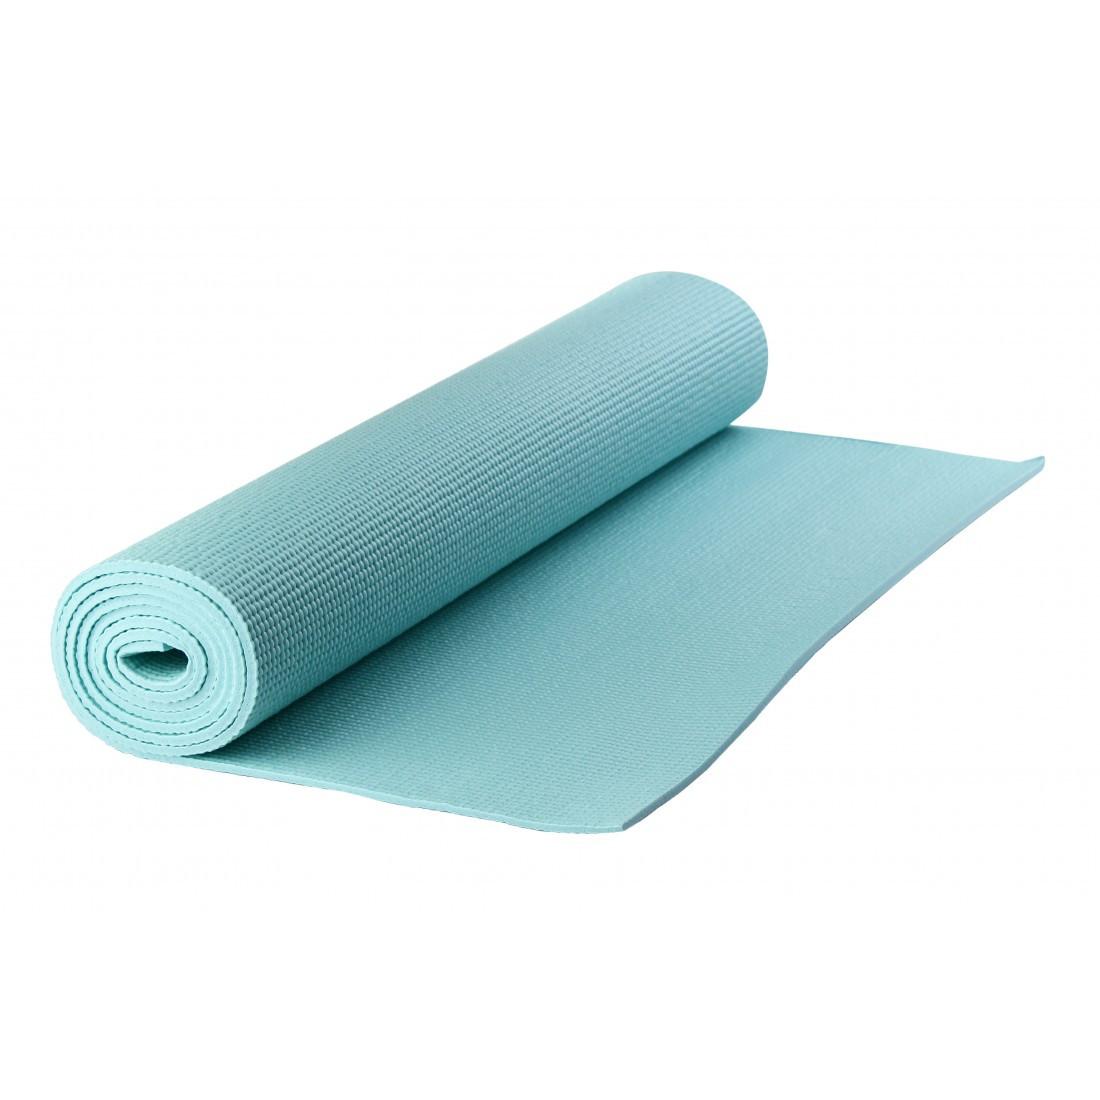 Коврик для йоги PVC Maxed YOGA MAT 1830x610x6 мм голубой